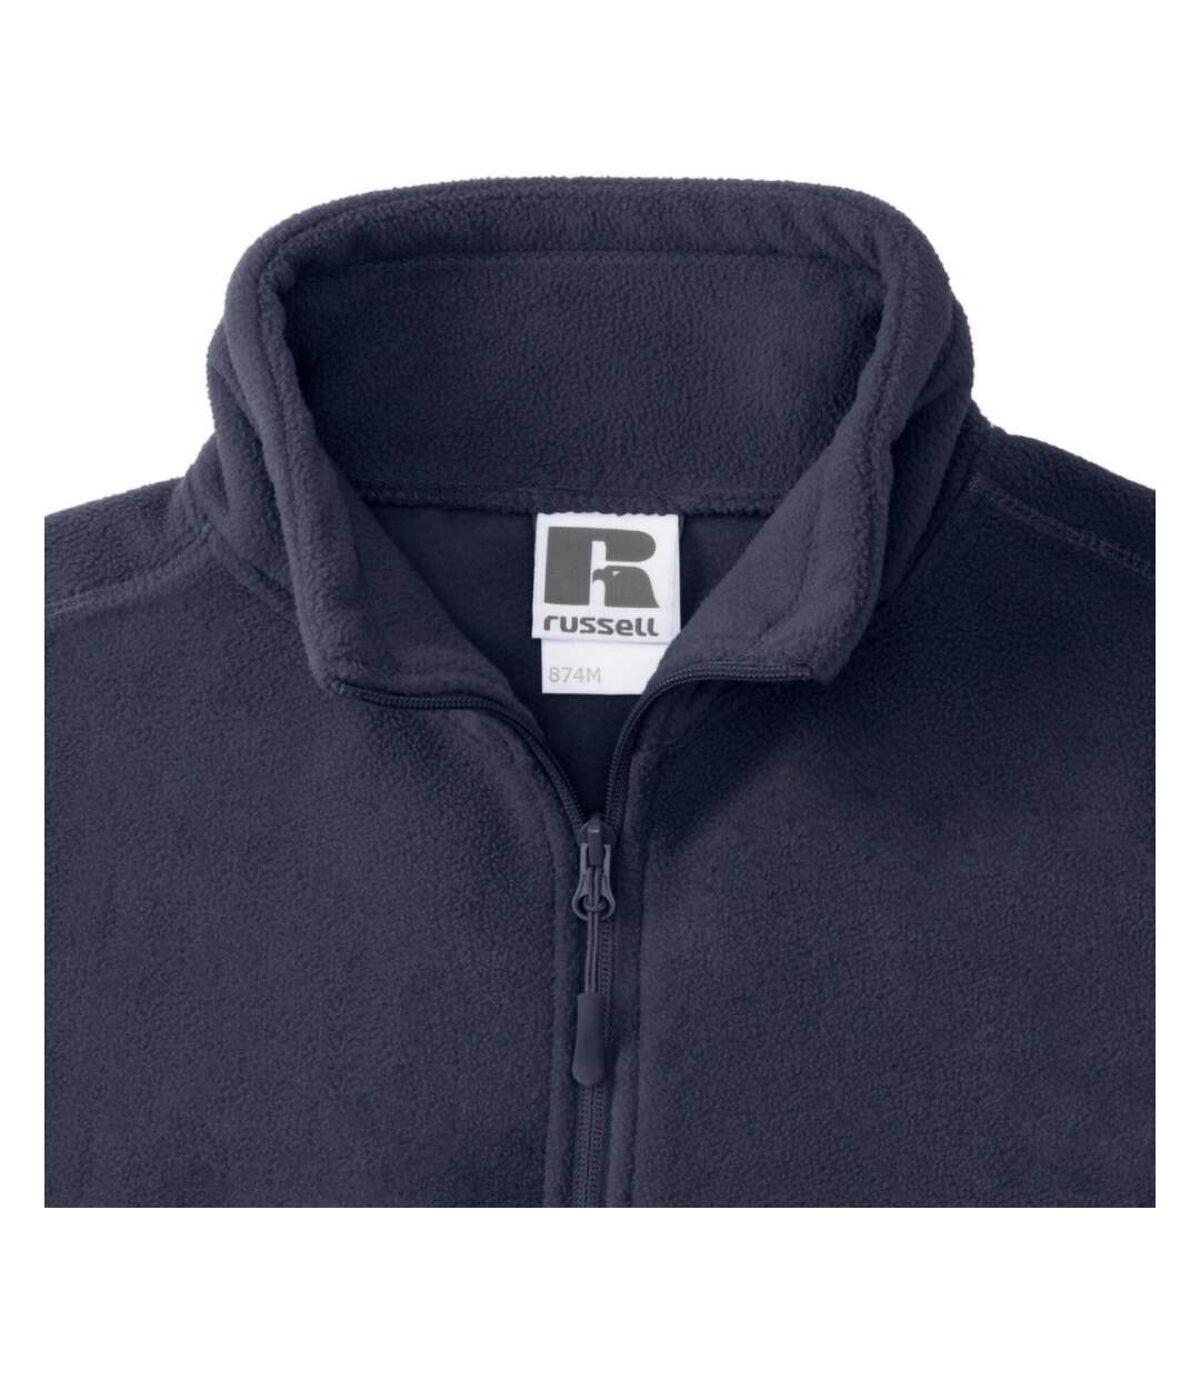 Russell Mens 1/4 Zip Outdoor Fleece Top (French Navy) - UTBC1438